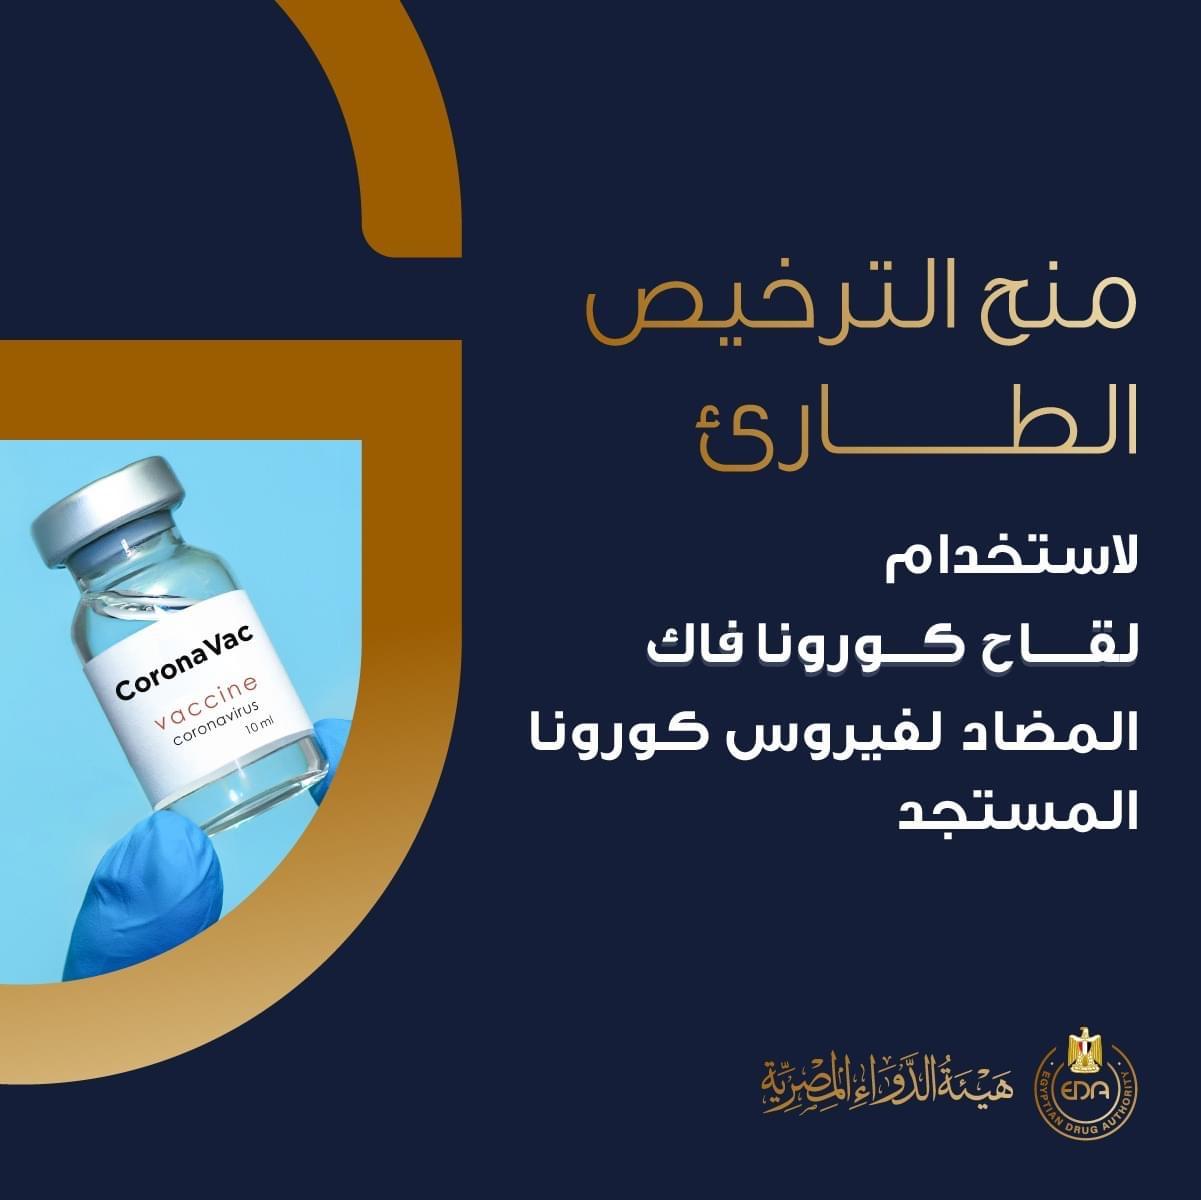 هيئة الدواء: منح الترخيص الطارئ لاستخدام لقاح كورونا فاك (Corona-Vac)